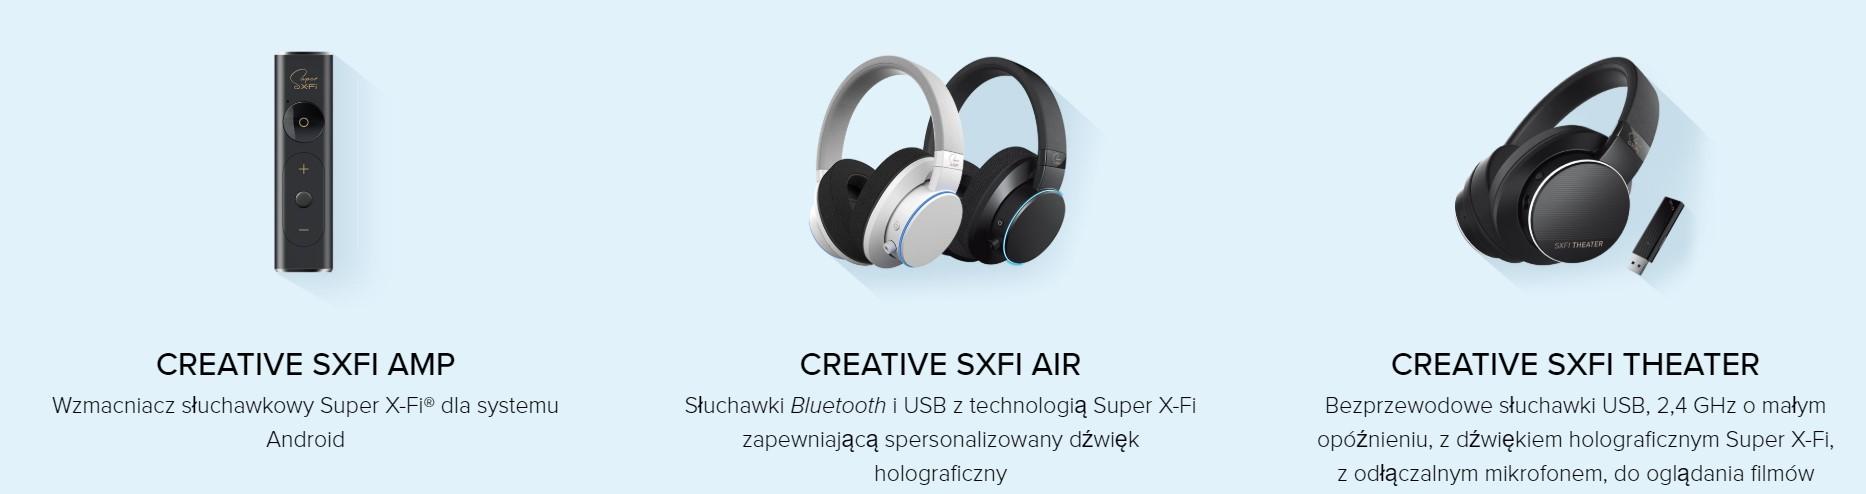 Super X-Fi Gen2 od Creative wznosi brzmienie audio na jeszcze wyższy poziom 20